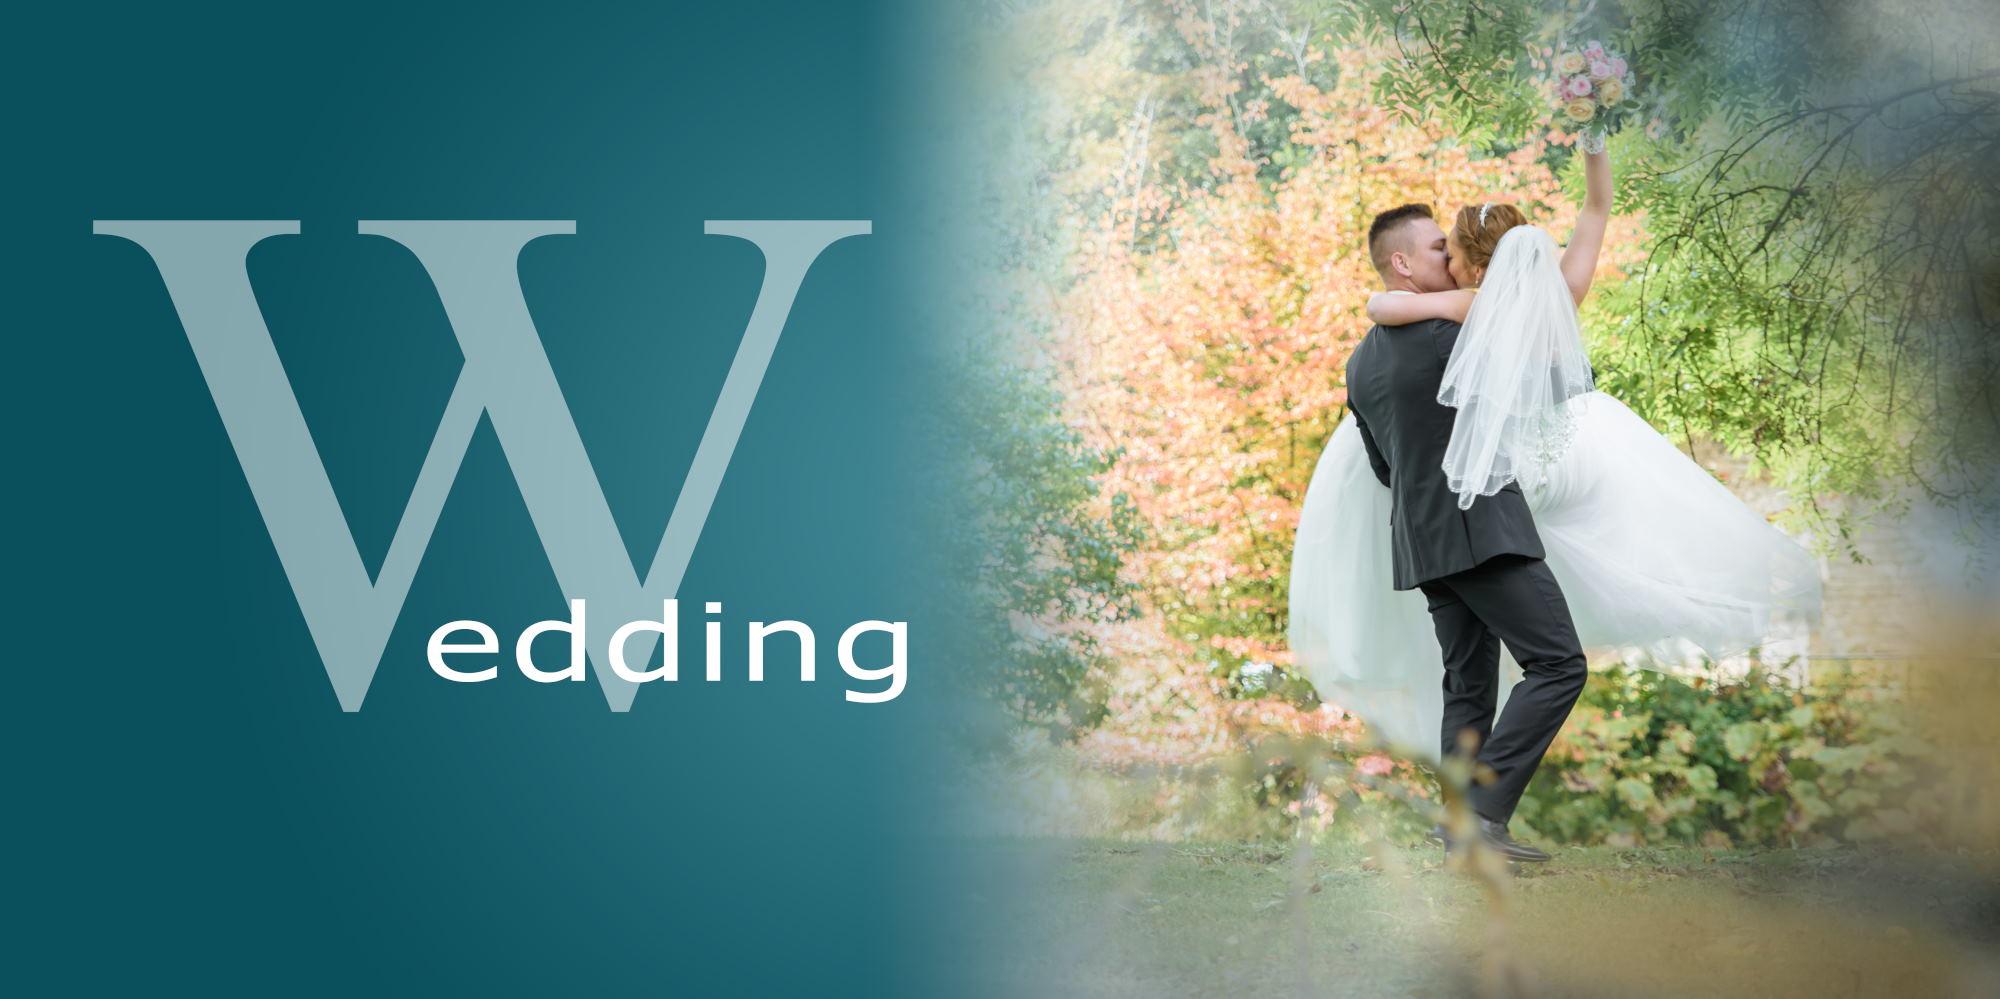 Weddingphotograph Ingolstadt